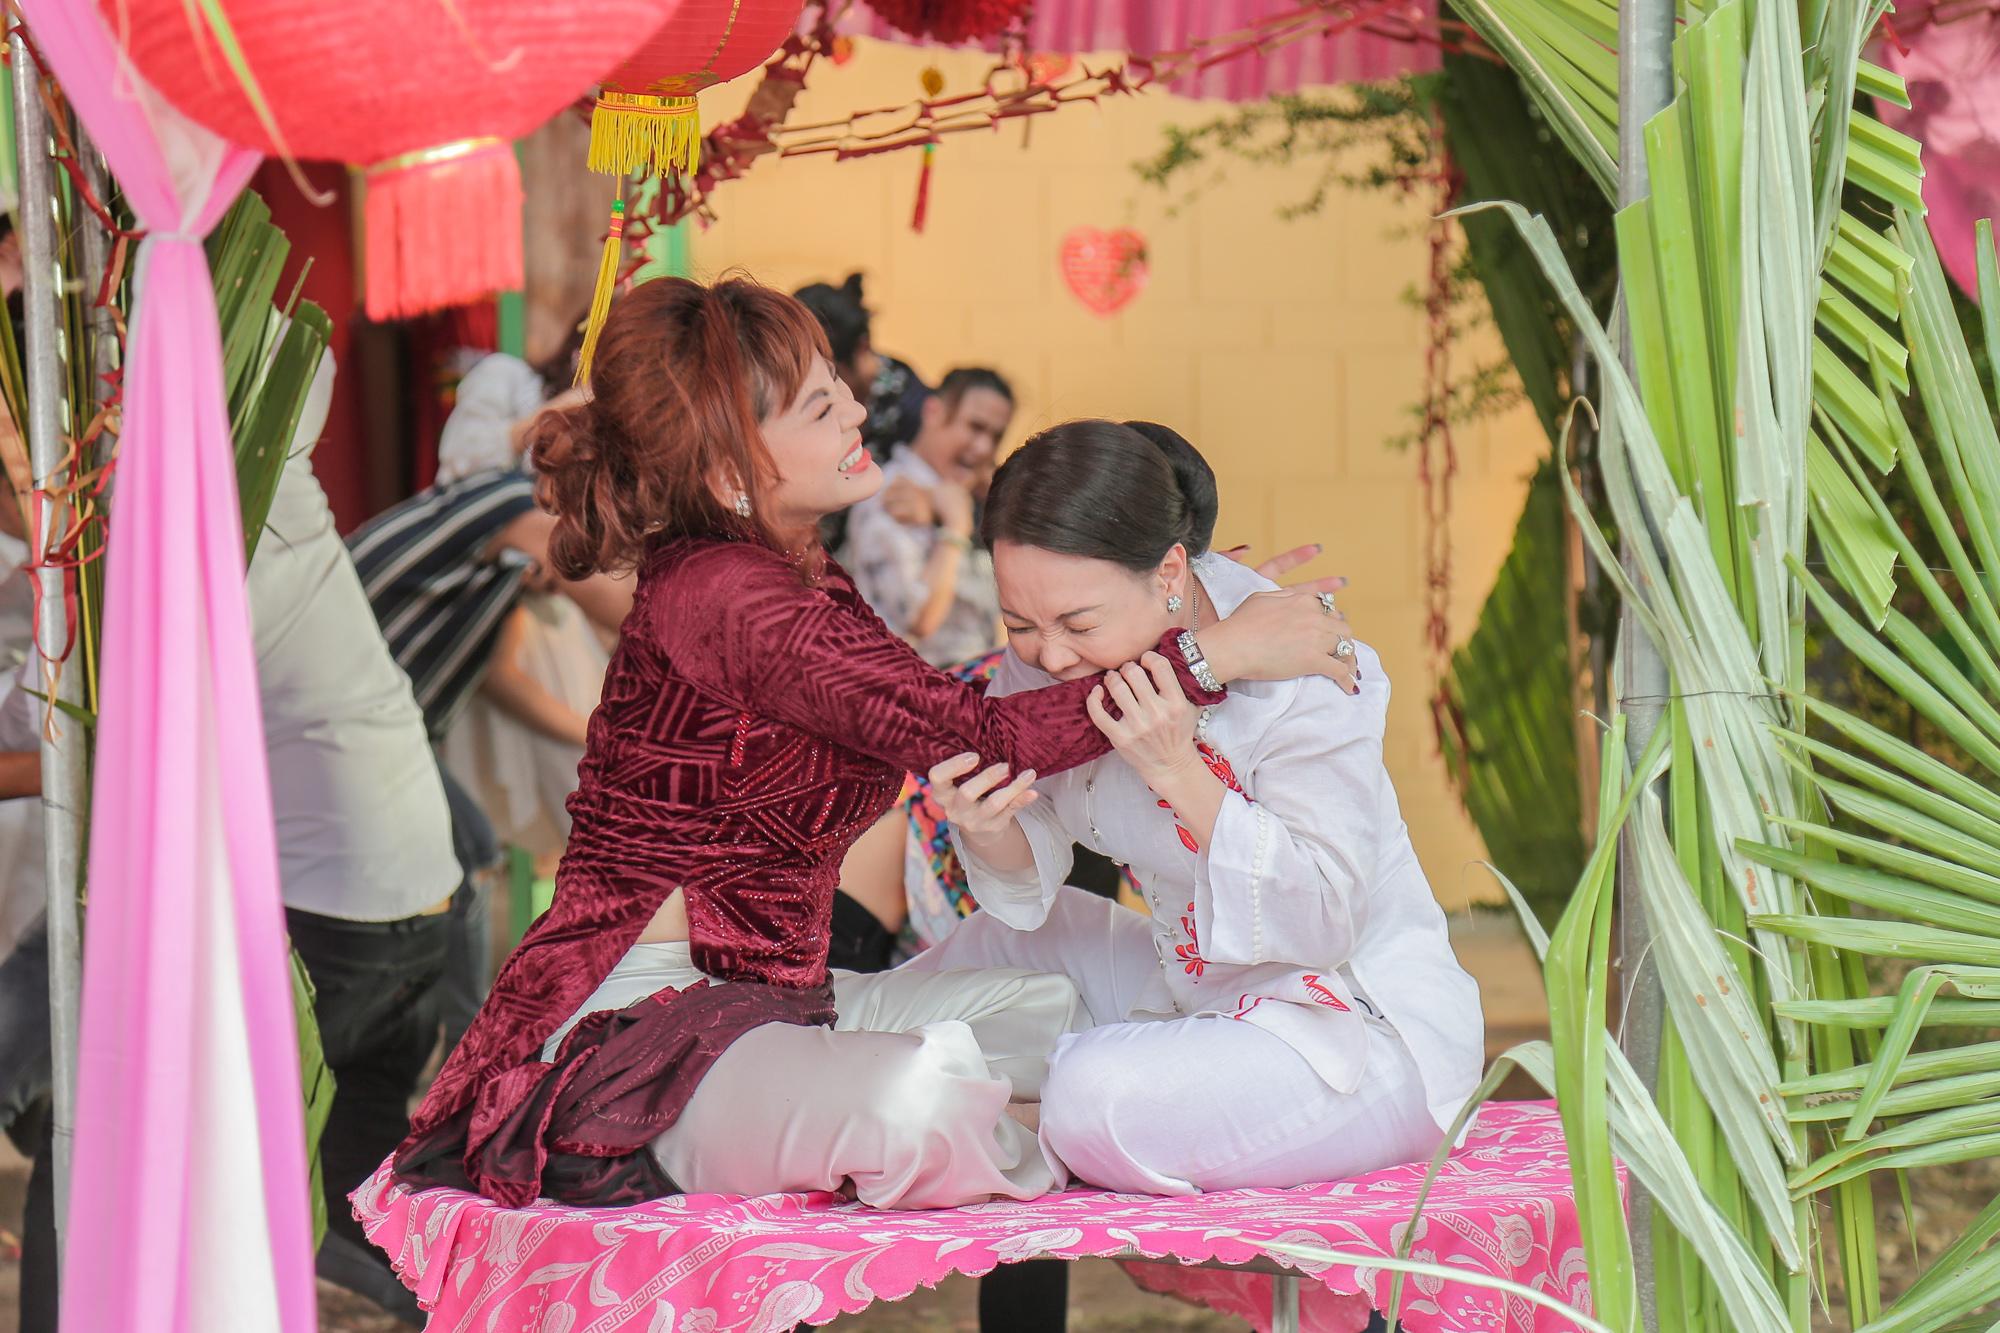 Ngoài Ngọc Trinh và Diệu Nhi, Việt Hương thành 'gái ế' nhiều tuổi trong 'Vu quy đại náo' 4